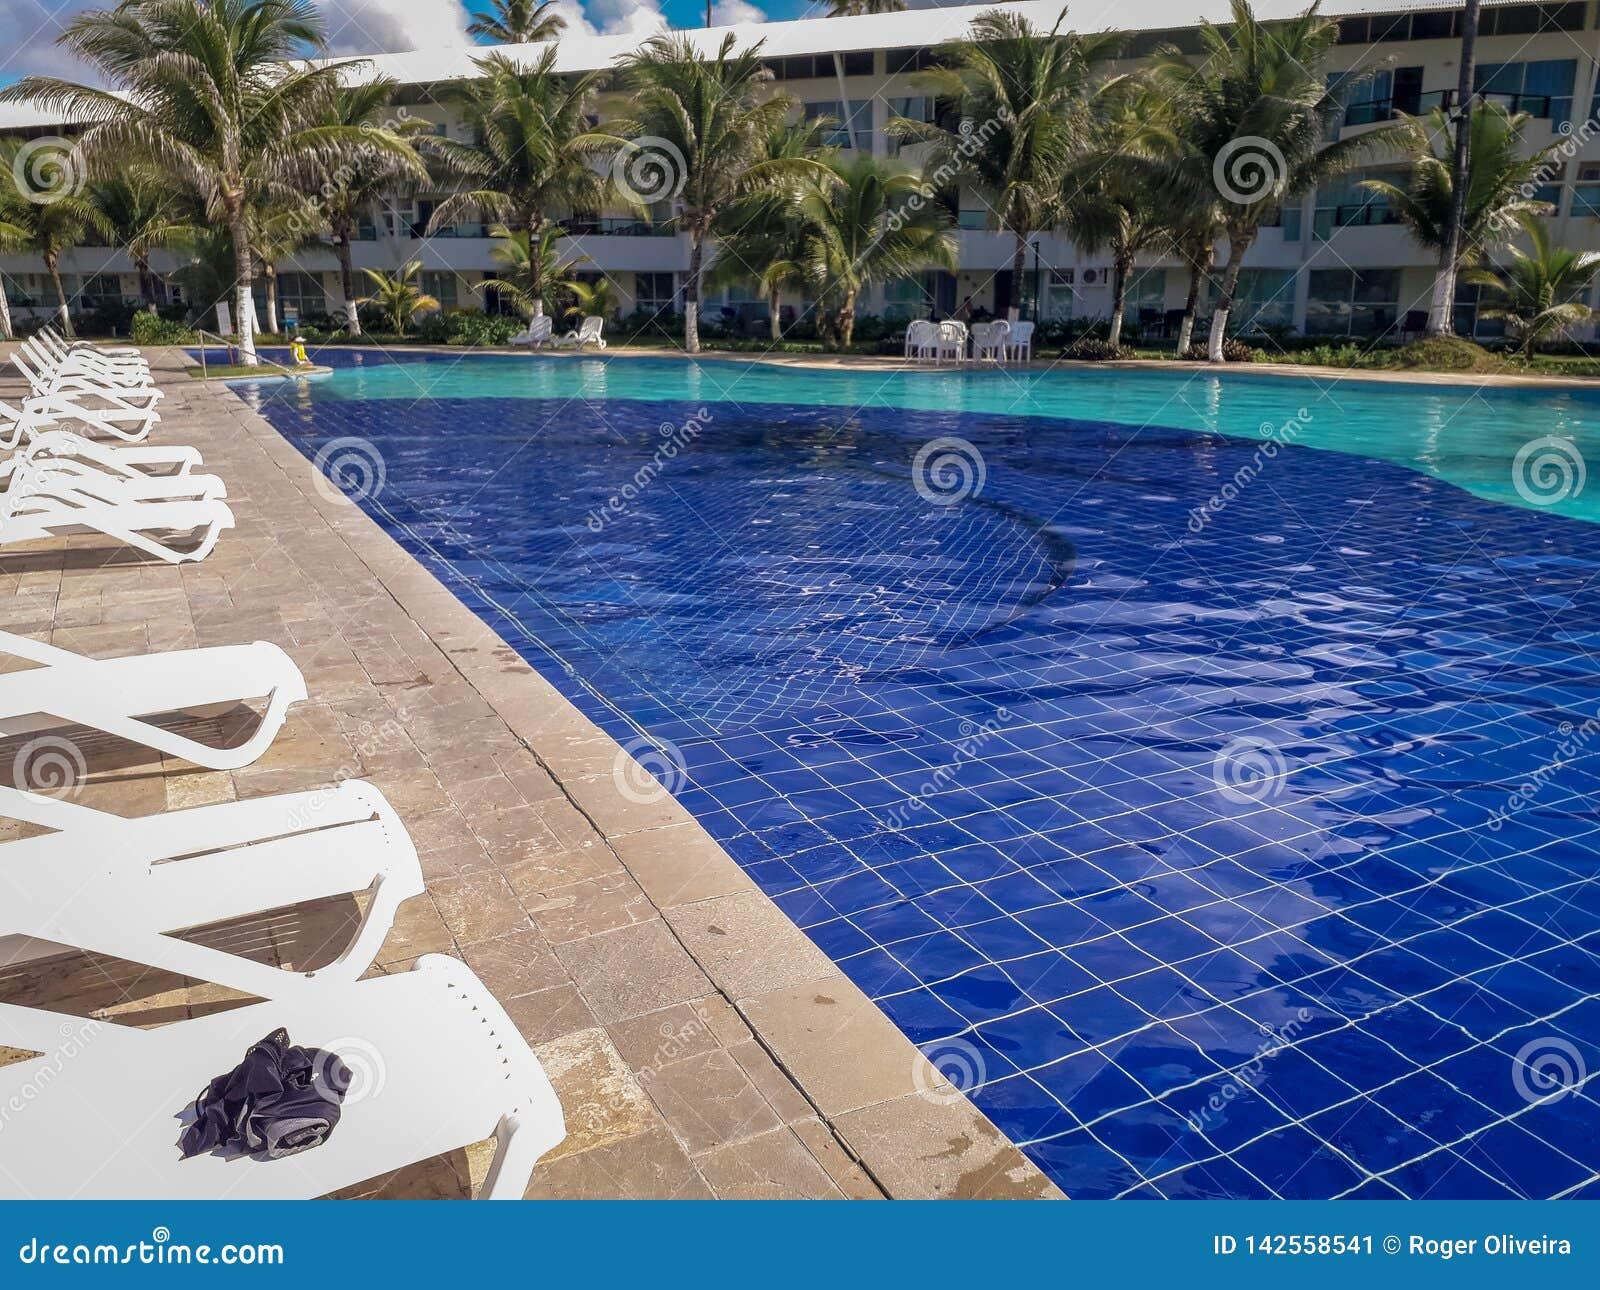 Открытый бассейн в гостинице и курорт с пальмой и стульями вокруг Бразилия 2019